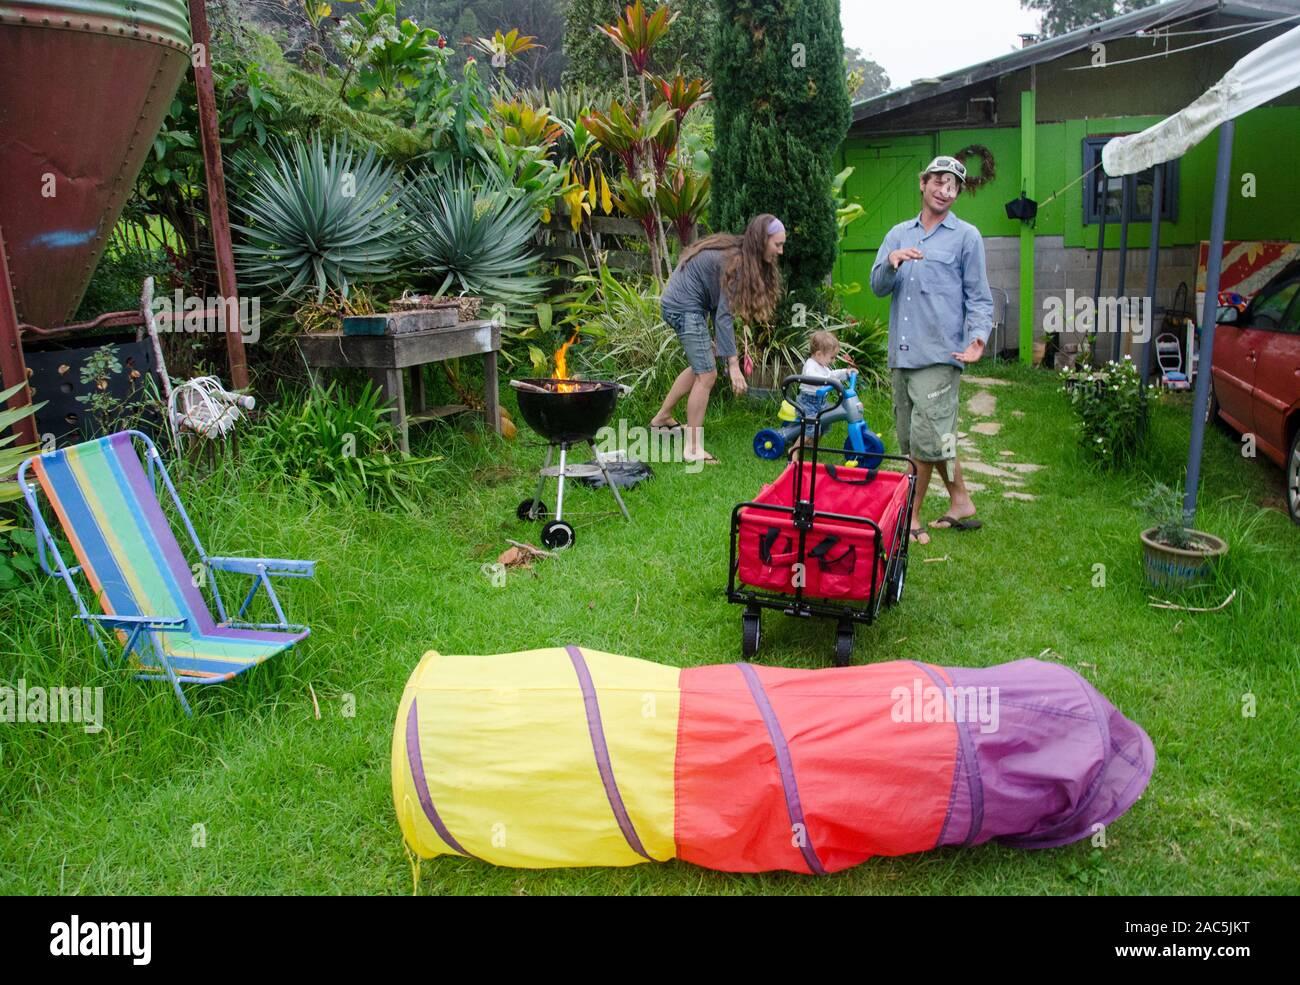 Un giovane locale madre, padre e figlio toddler giocare nel loro cortile con un barbecue a partire e giocattoli sparsi, Big Island. Foto Stock